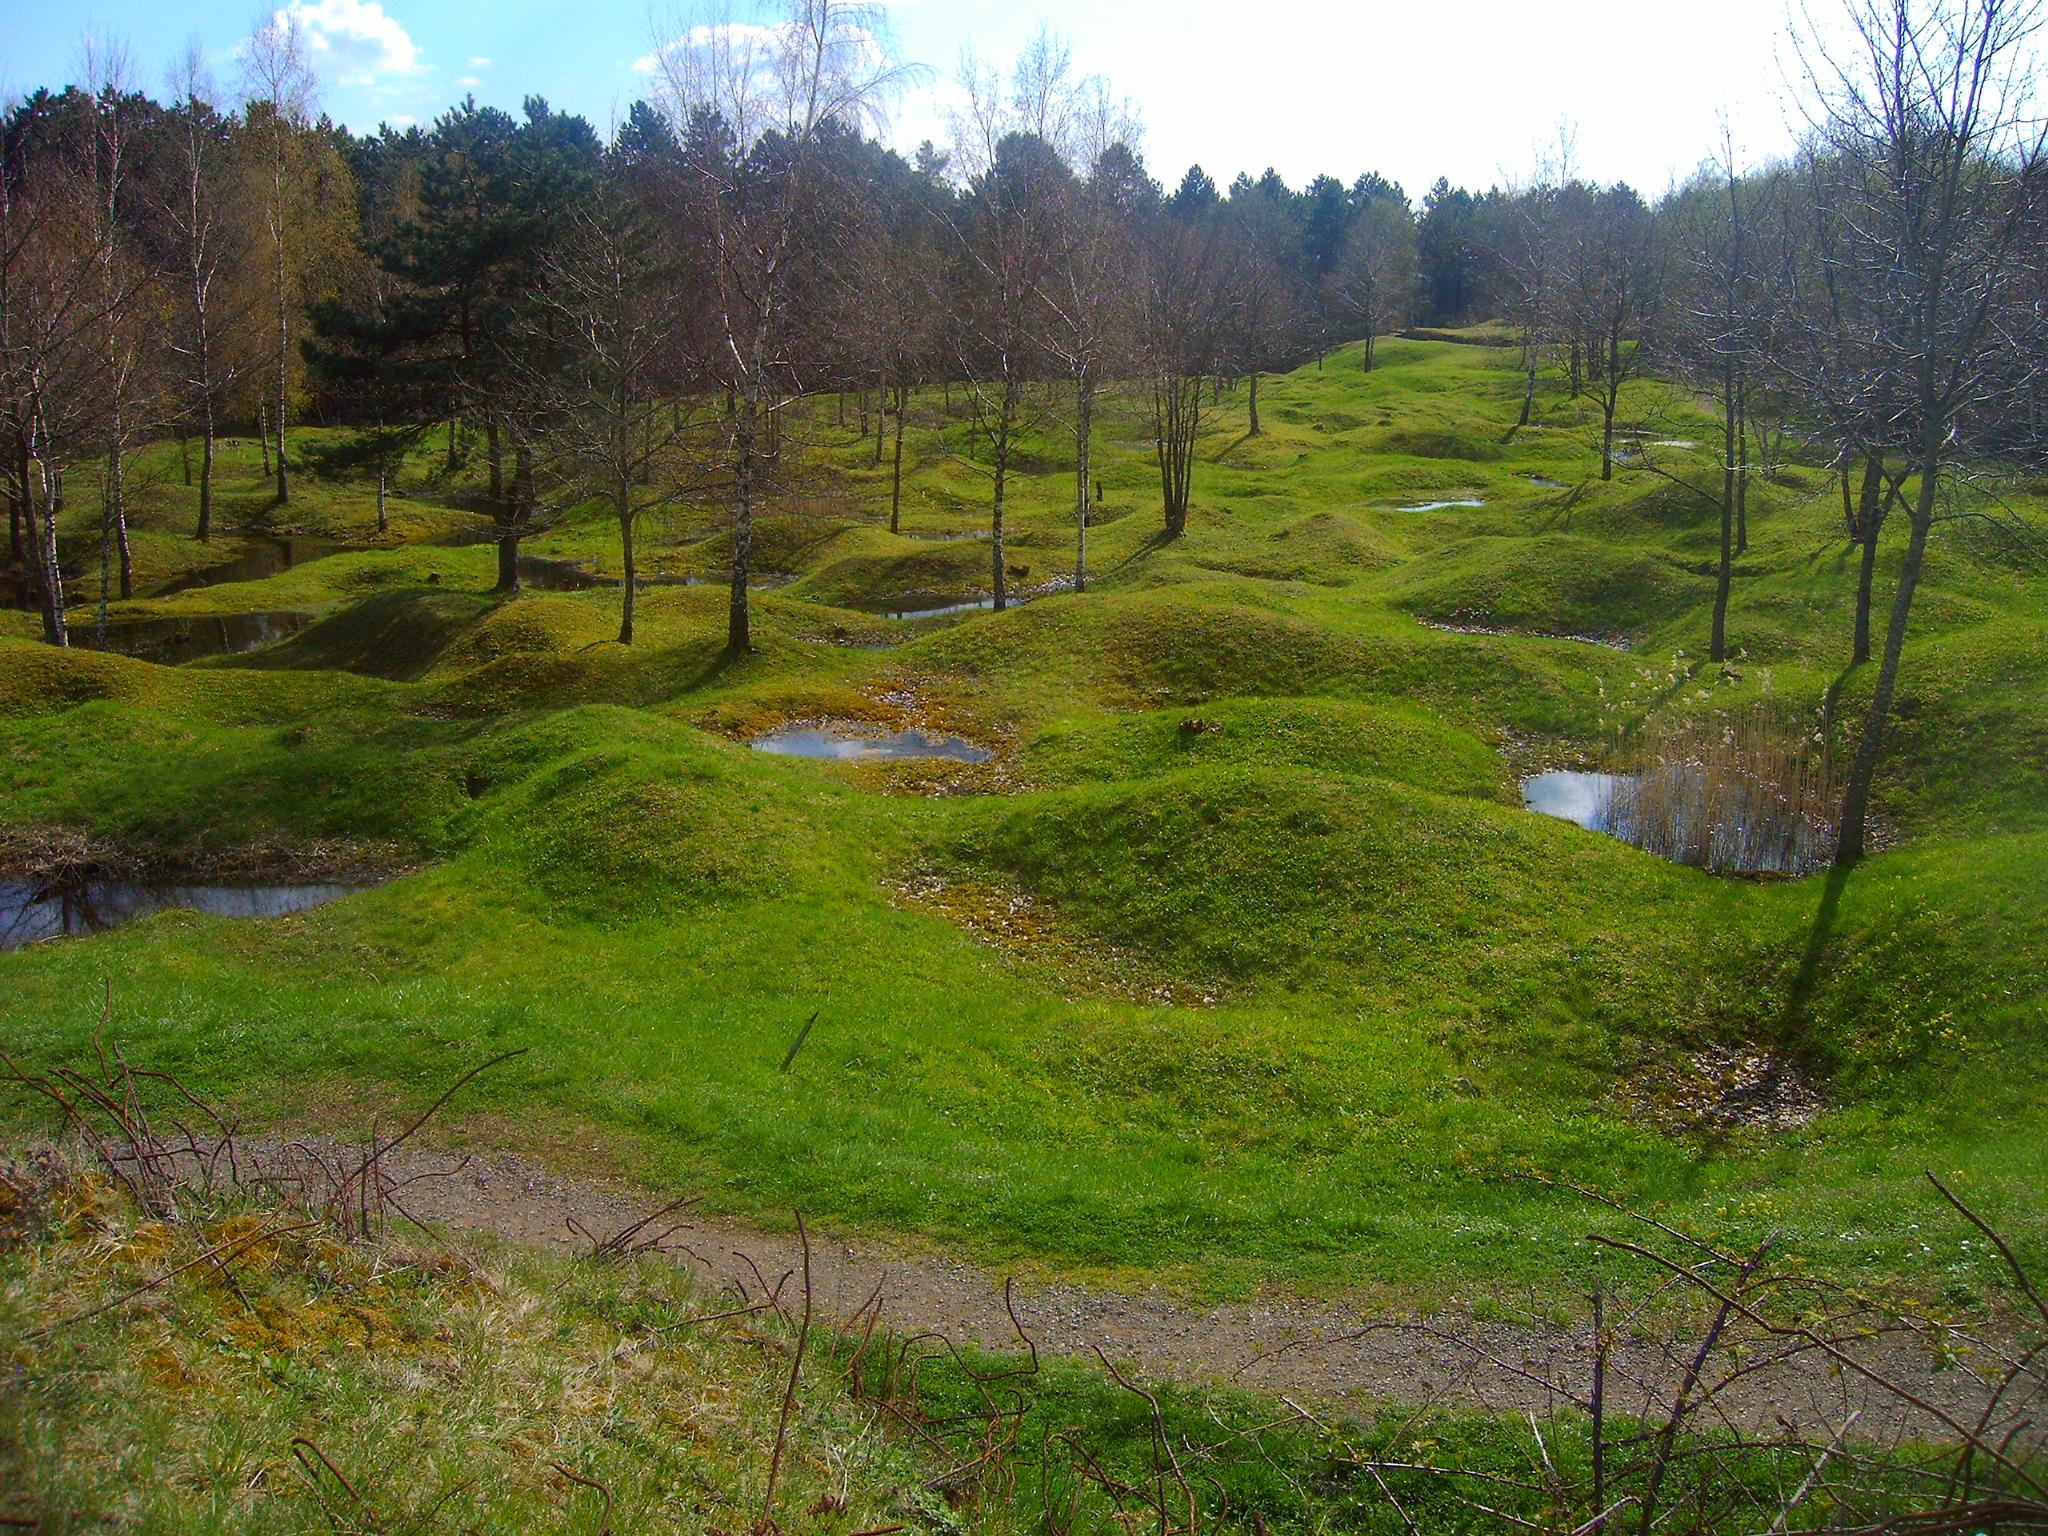 Bataille de Verdun - Commémoration - Mai 2016 - Champ de bataille - Zone rouge - Forêt d'exception - Trous d'obus - Douaumont-